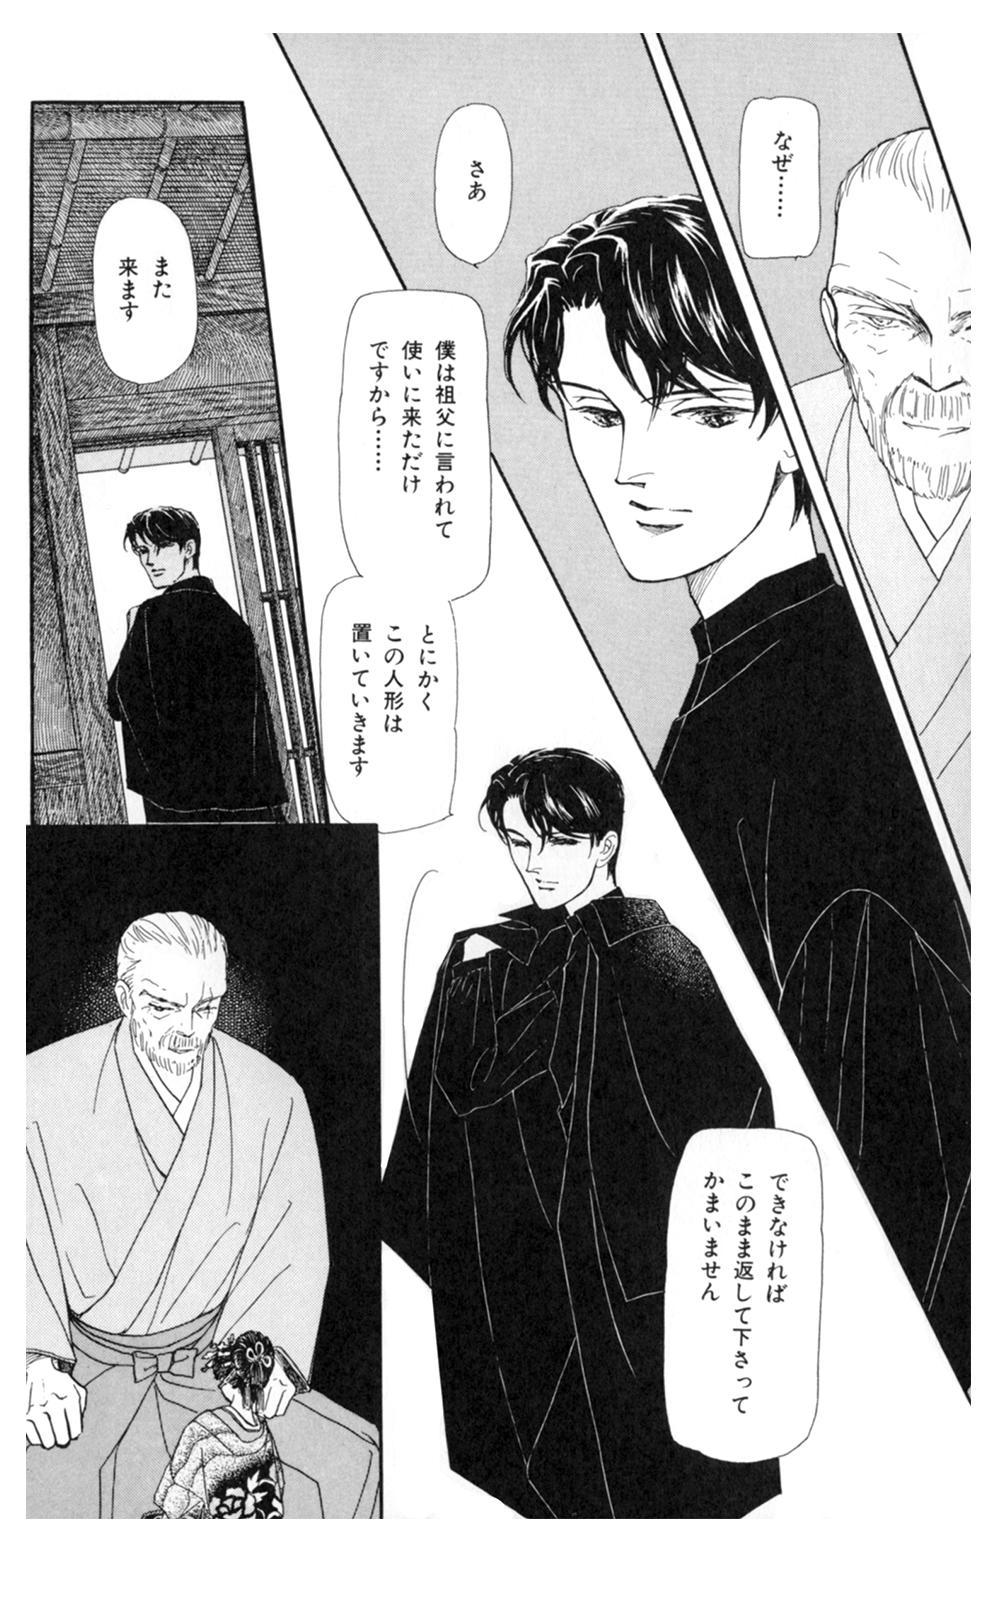 雨柳堂夢咄 第5話「花に暮れる」①uryudo01-124.jpg